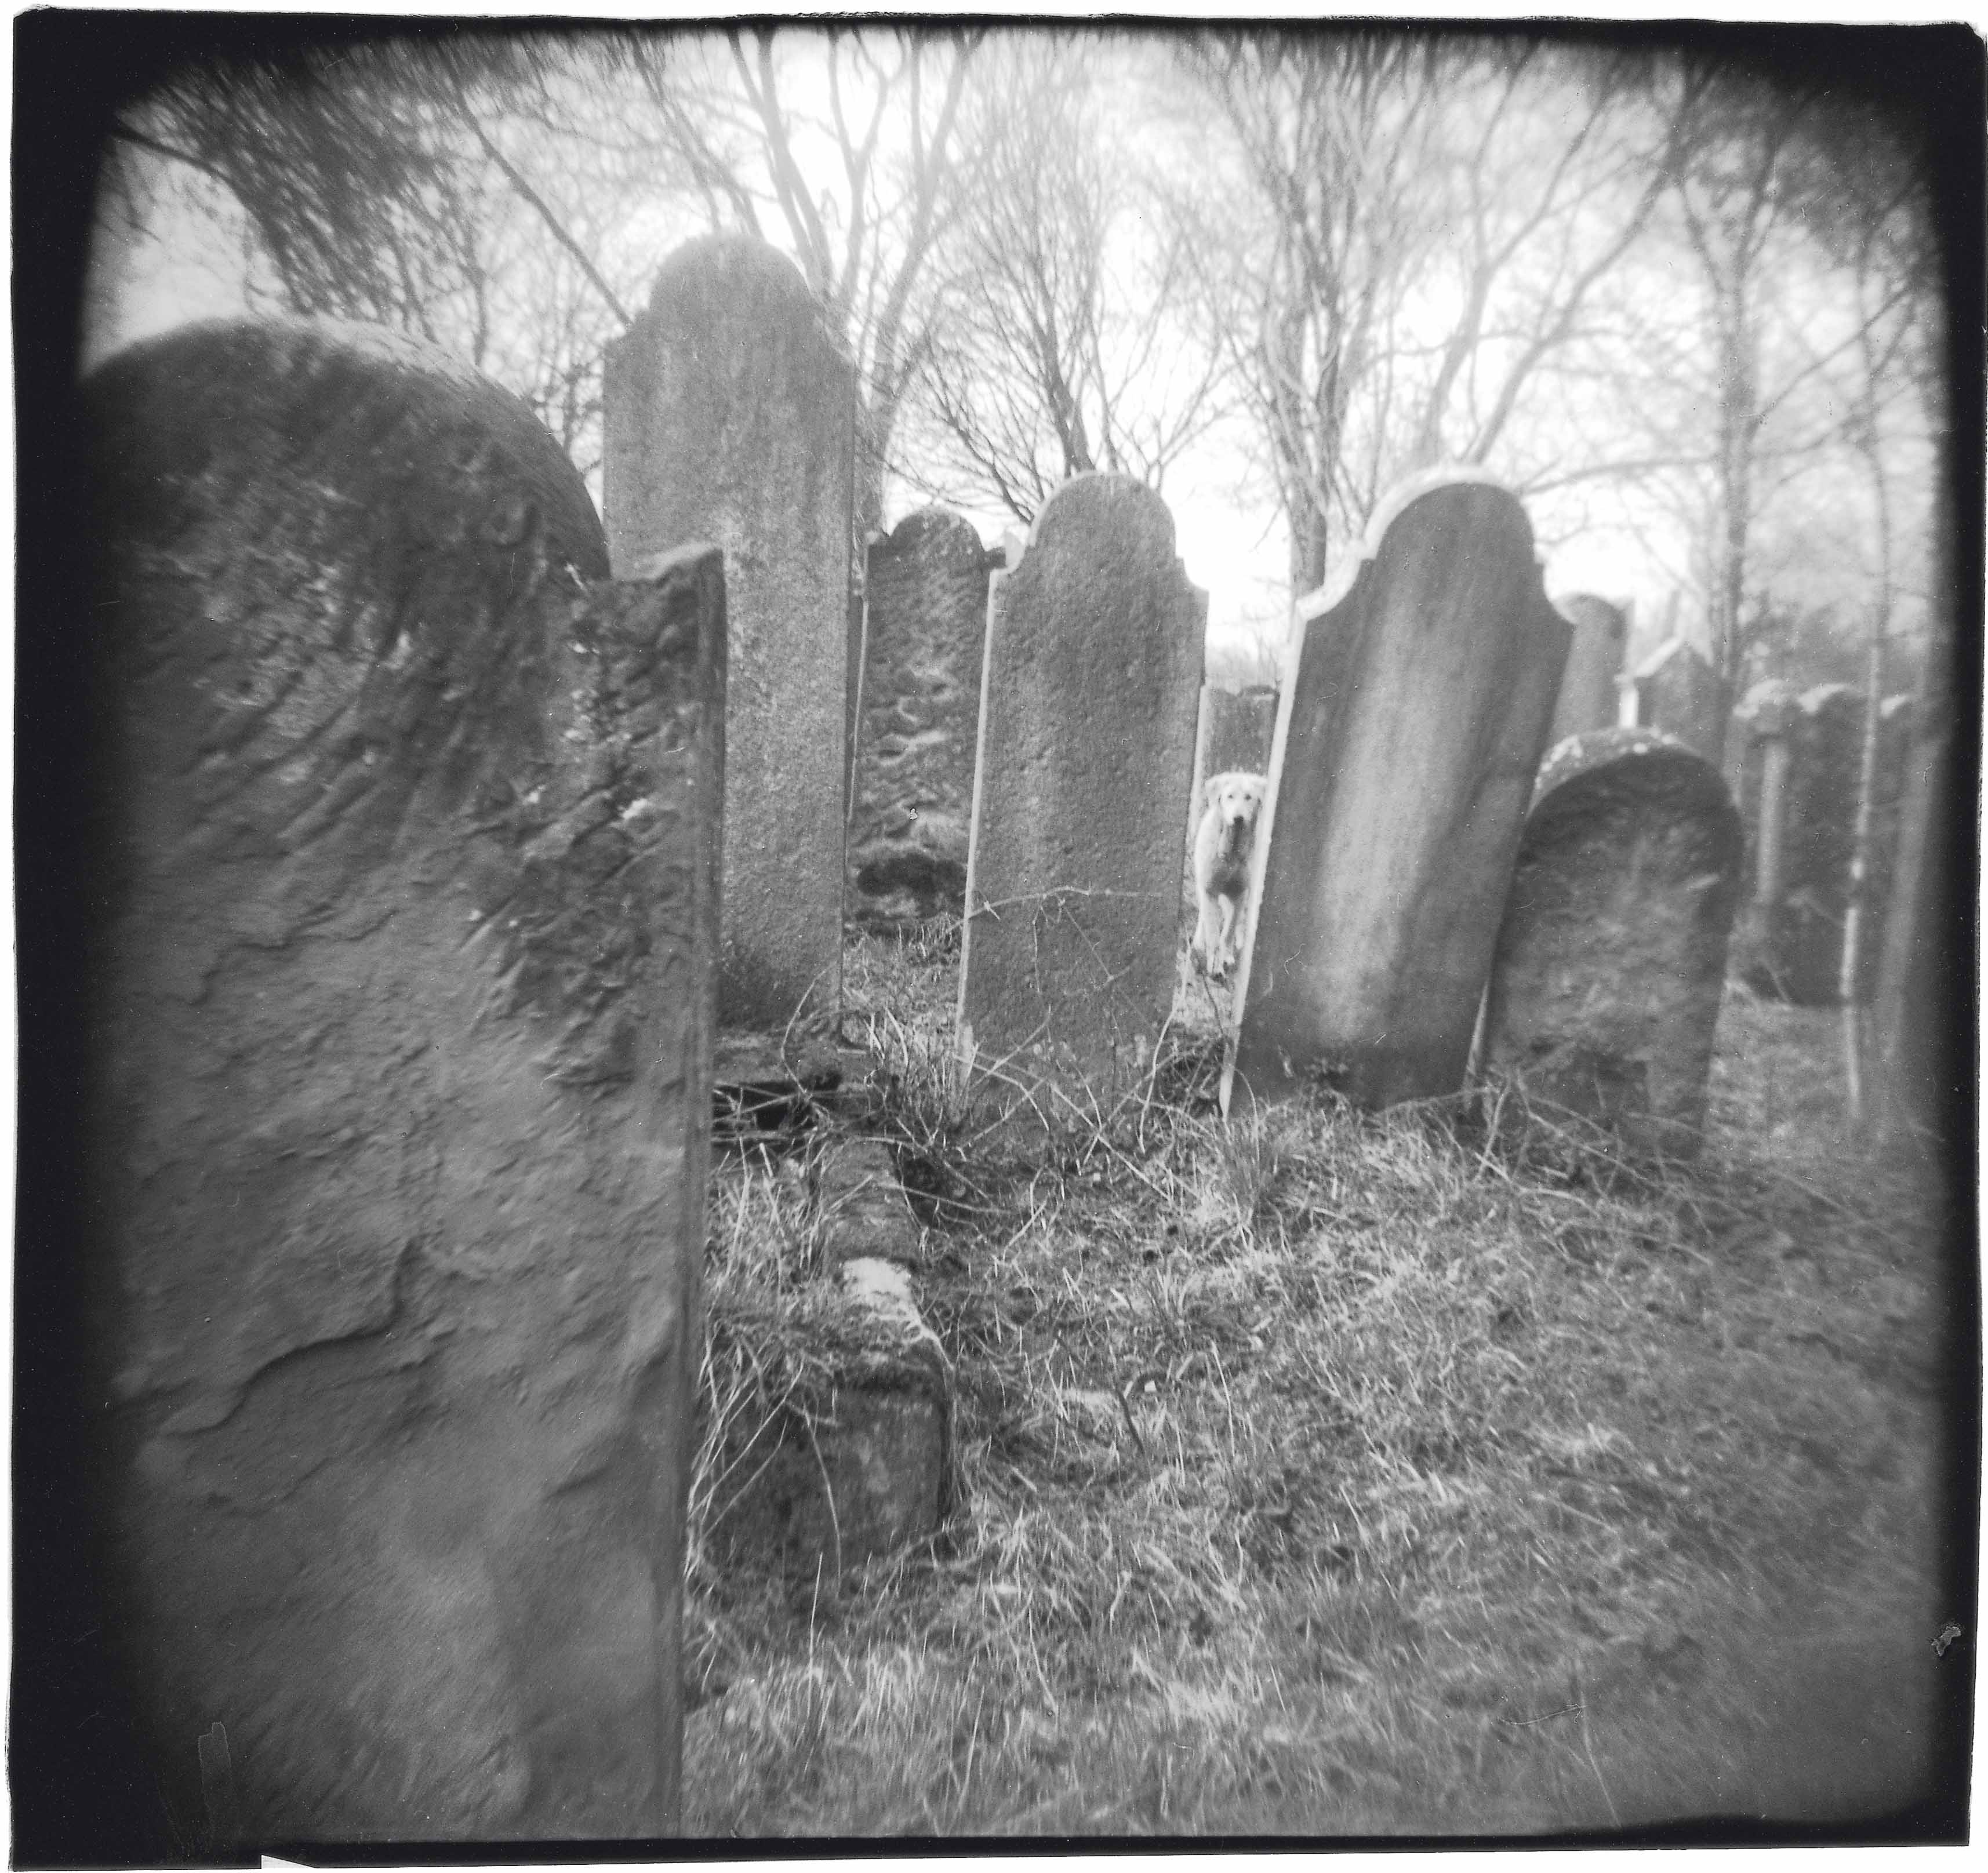 Chance meeting in Jewish cementery, 2001<br/>Gelatina de plata / Silver gelatin